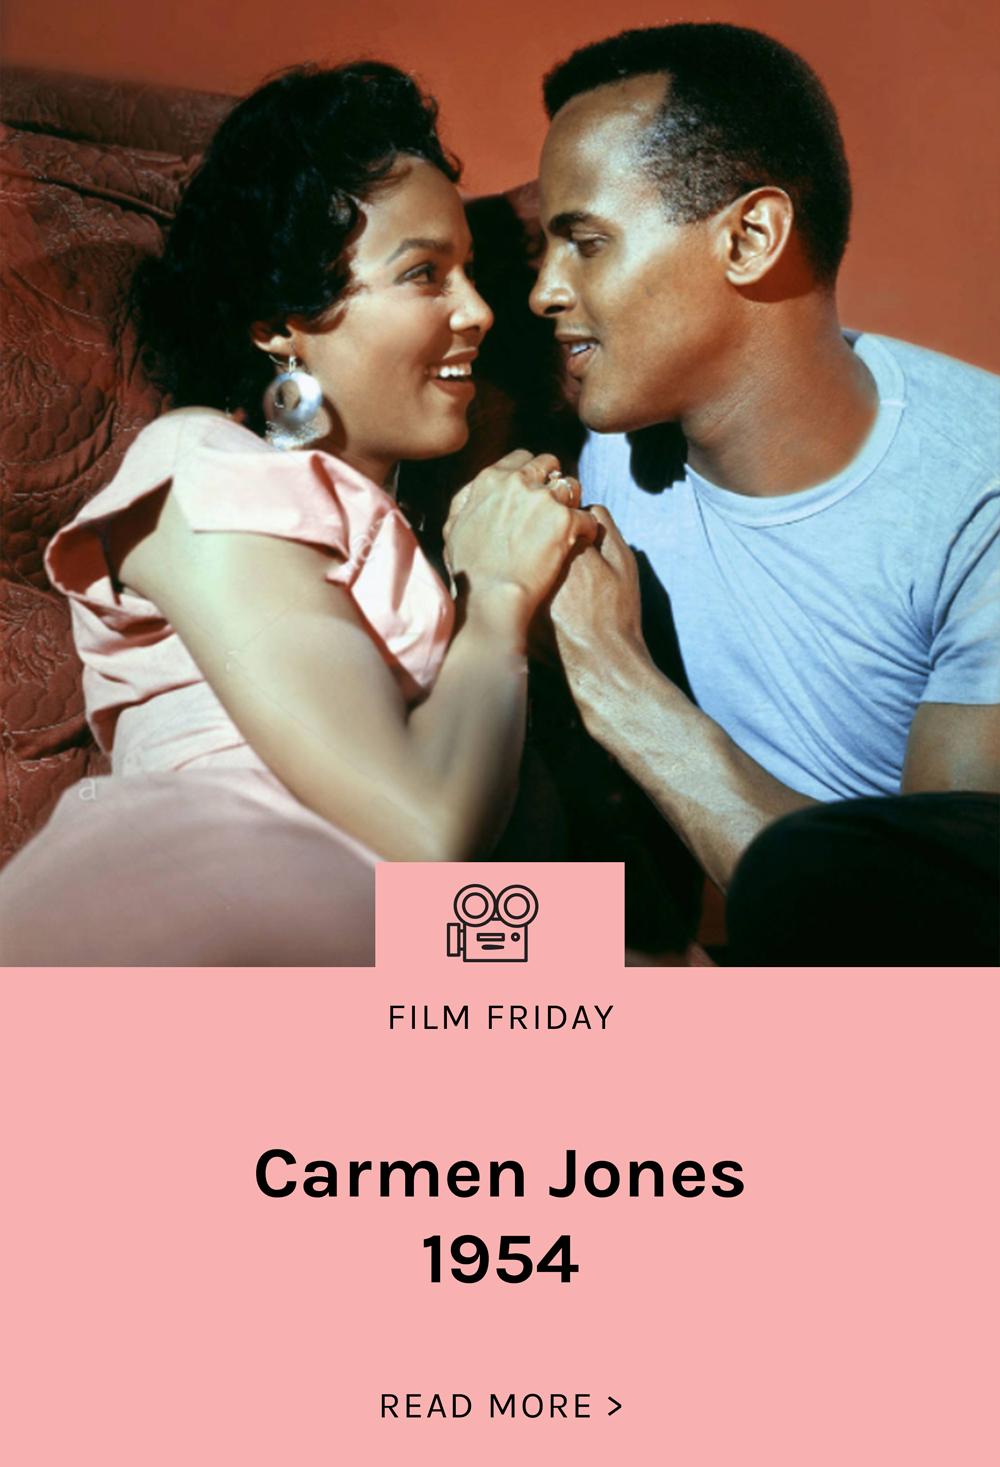 FilmFriday-BlogLanding-Carmen-Jones.jpg